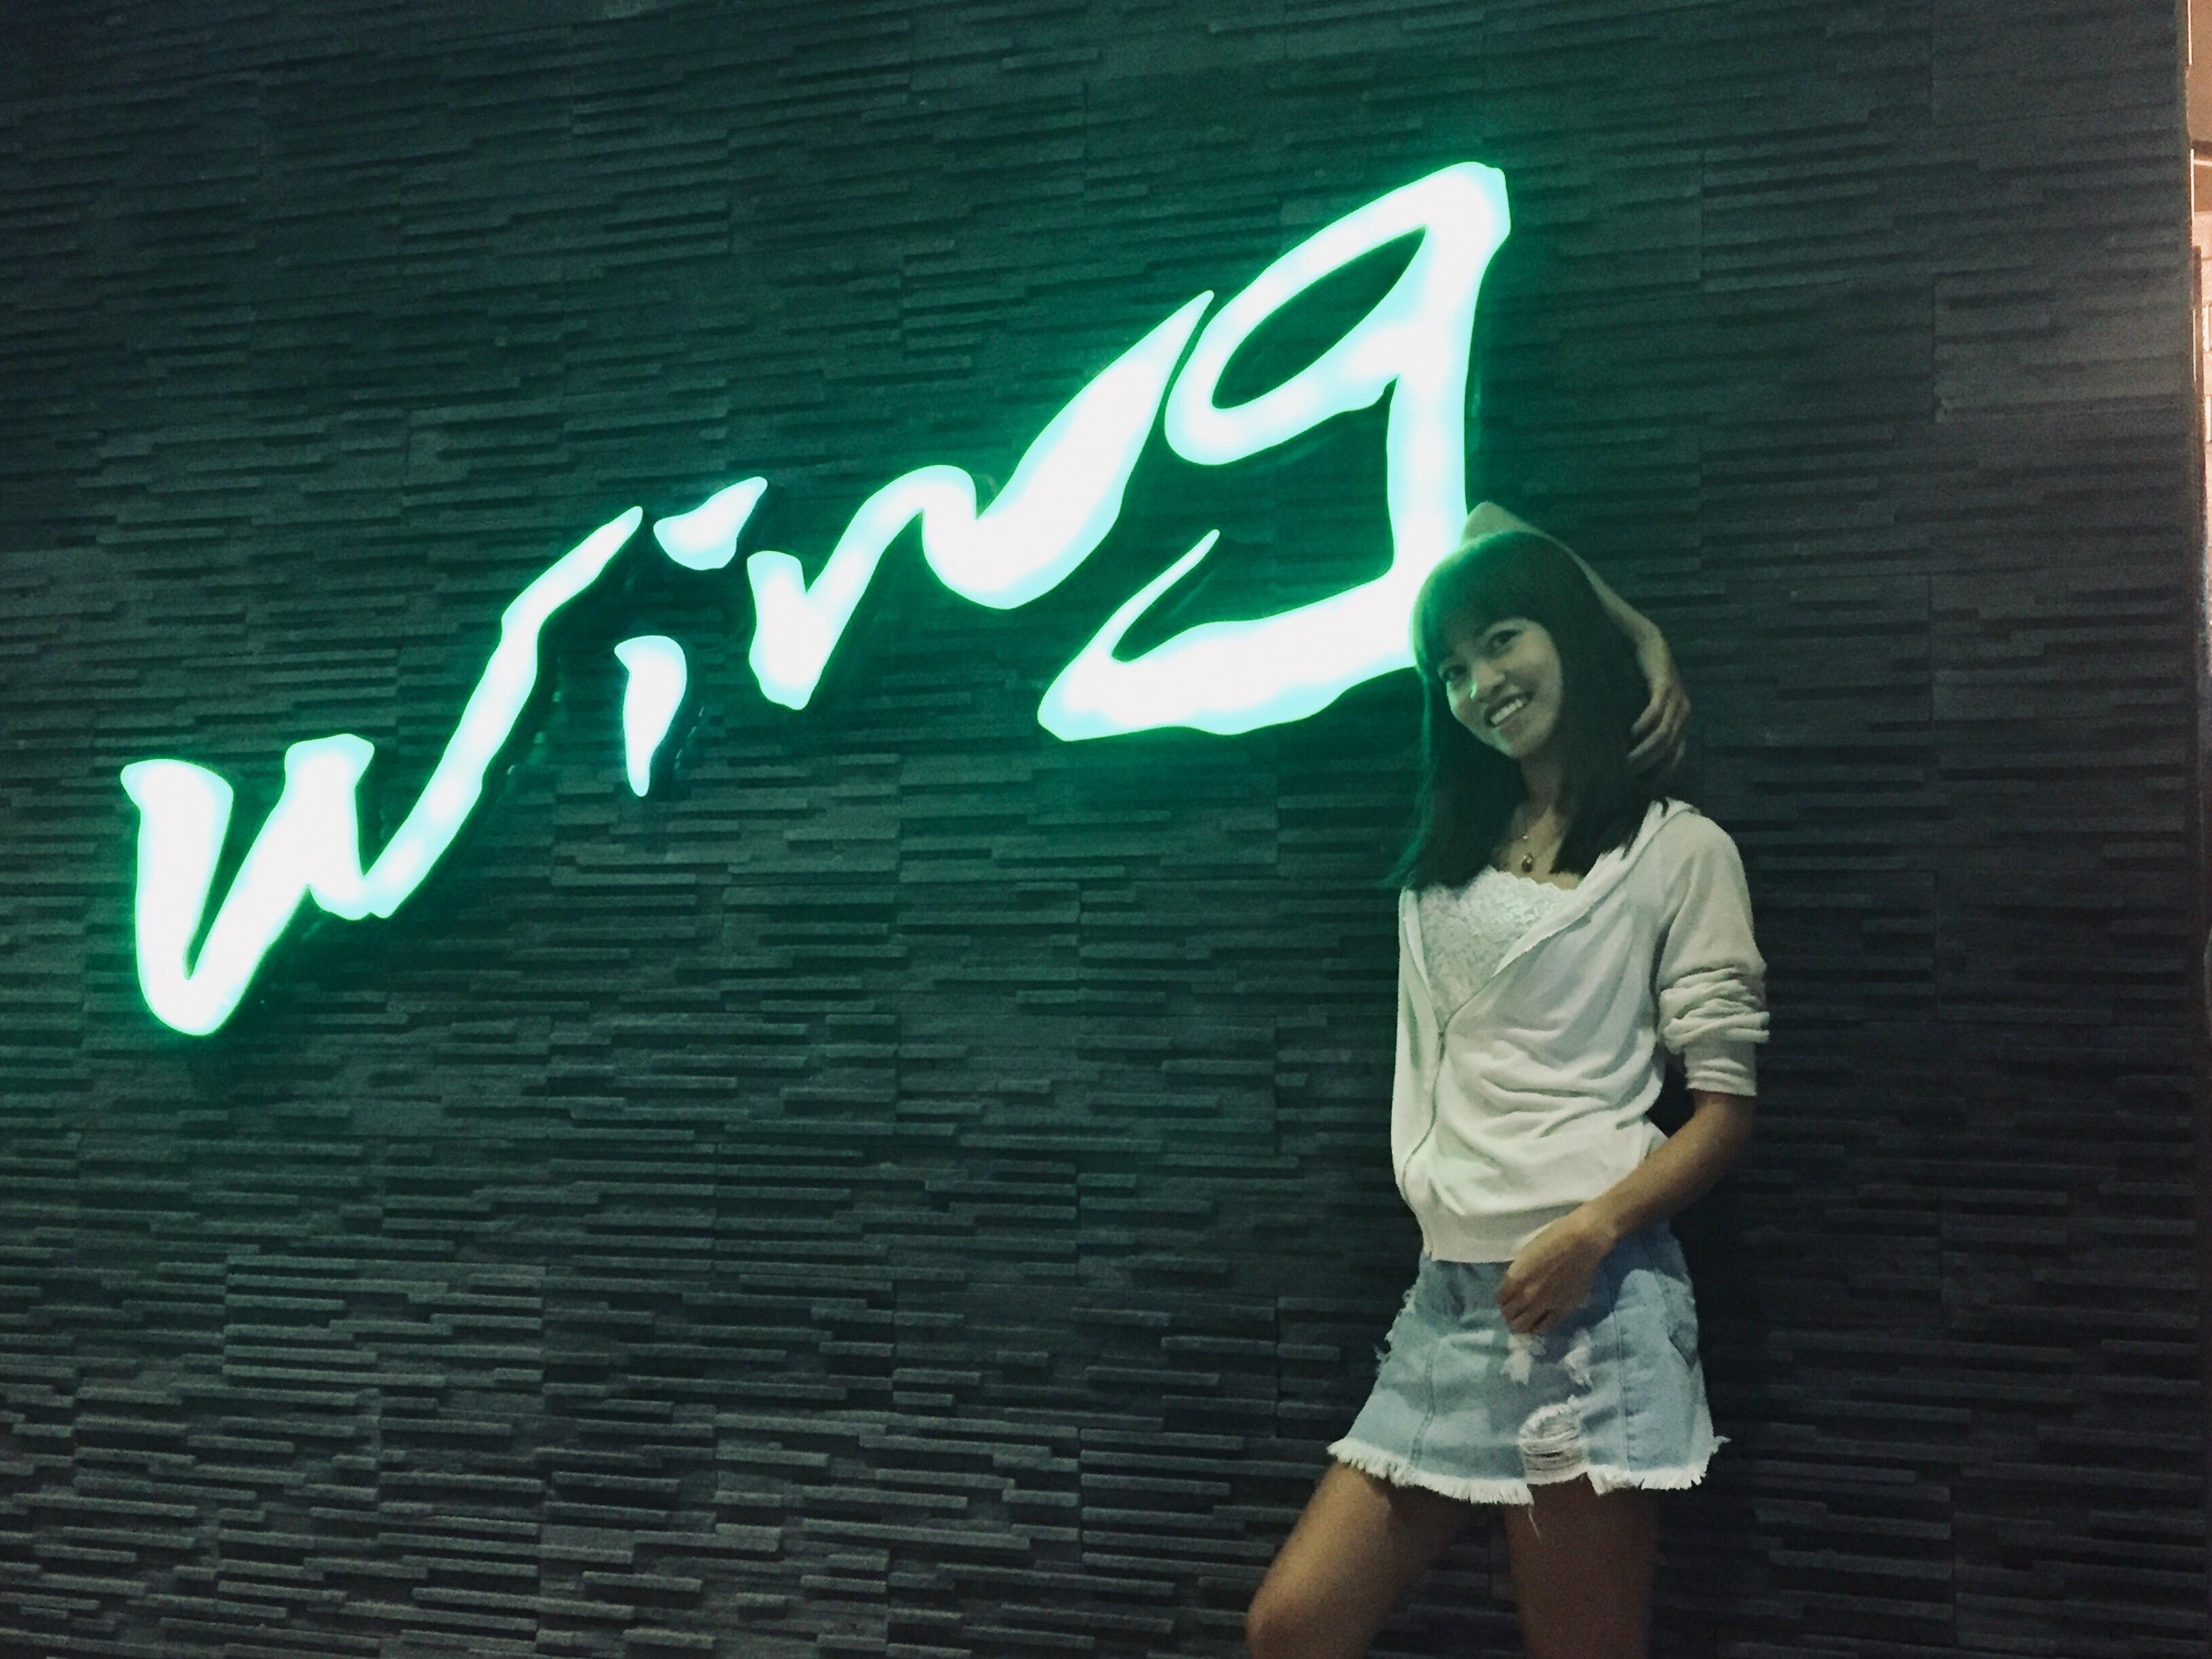 KTV・ウィング(Wing)、セブ島